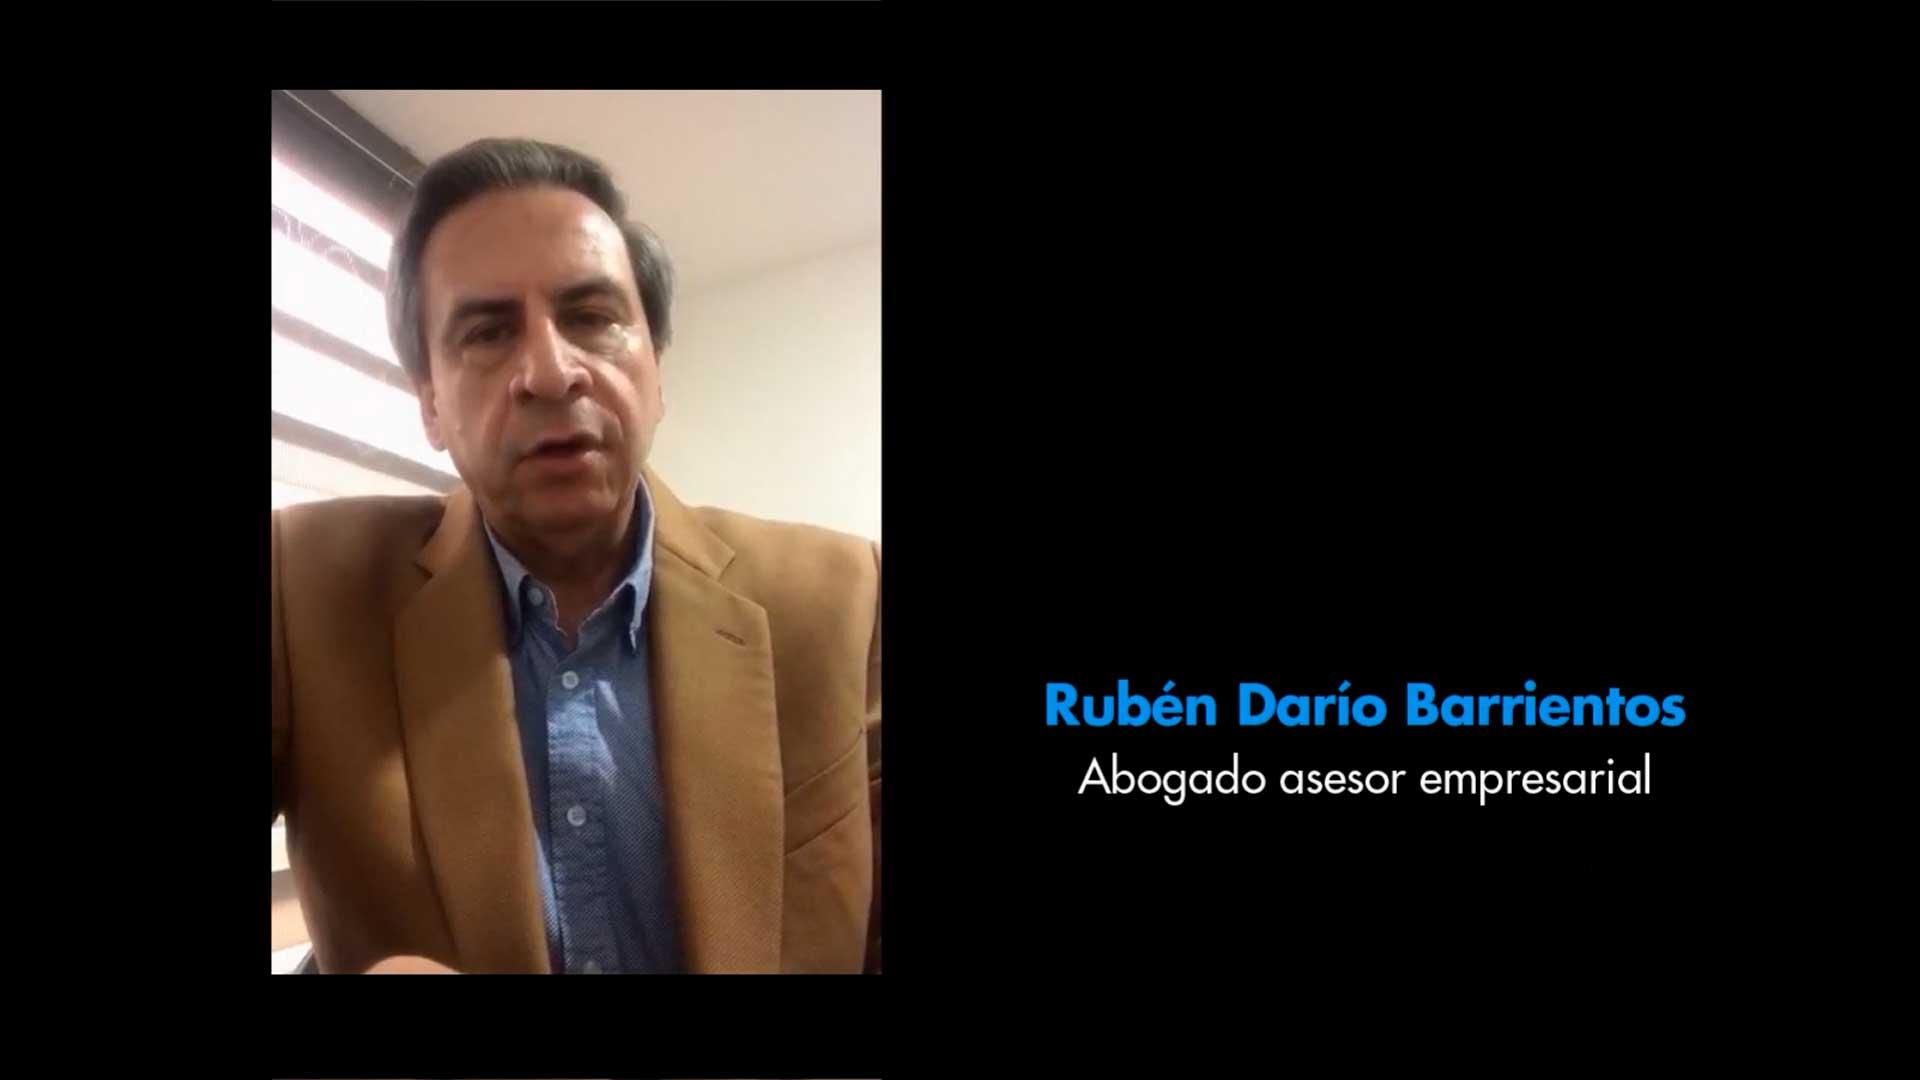 Rubén-Darío-Barrientos-1920